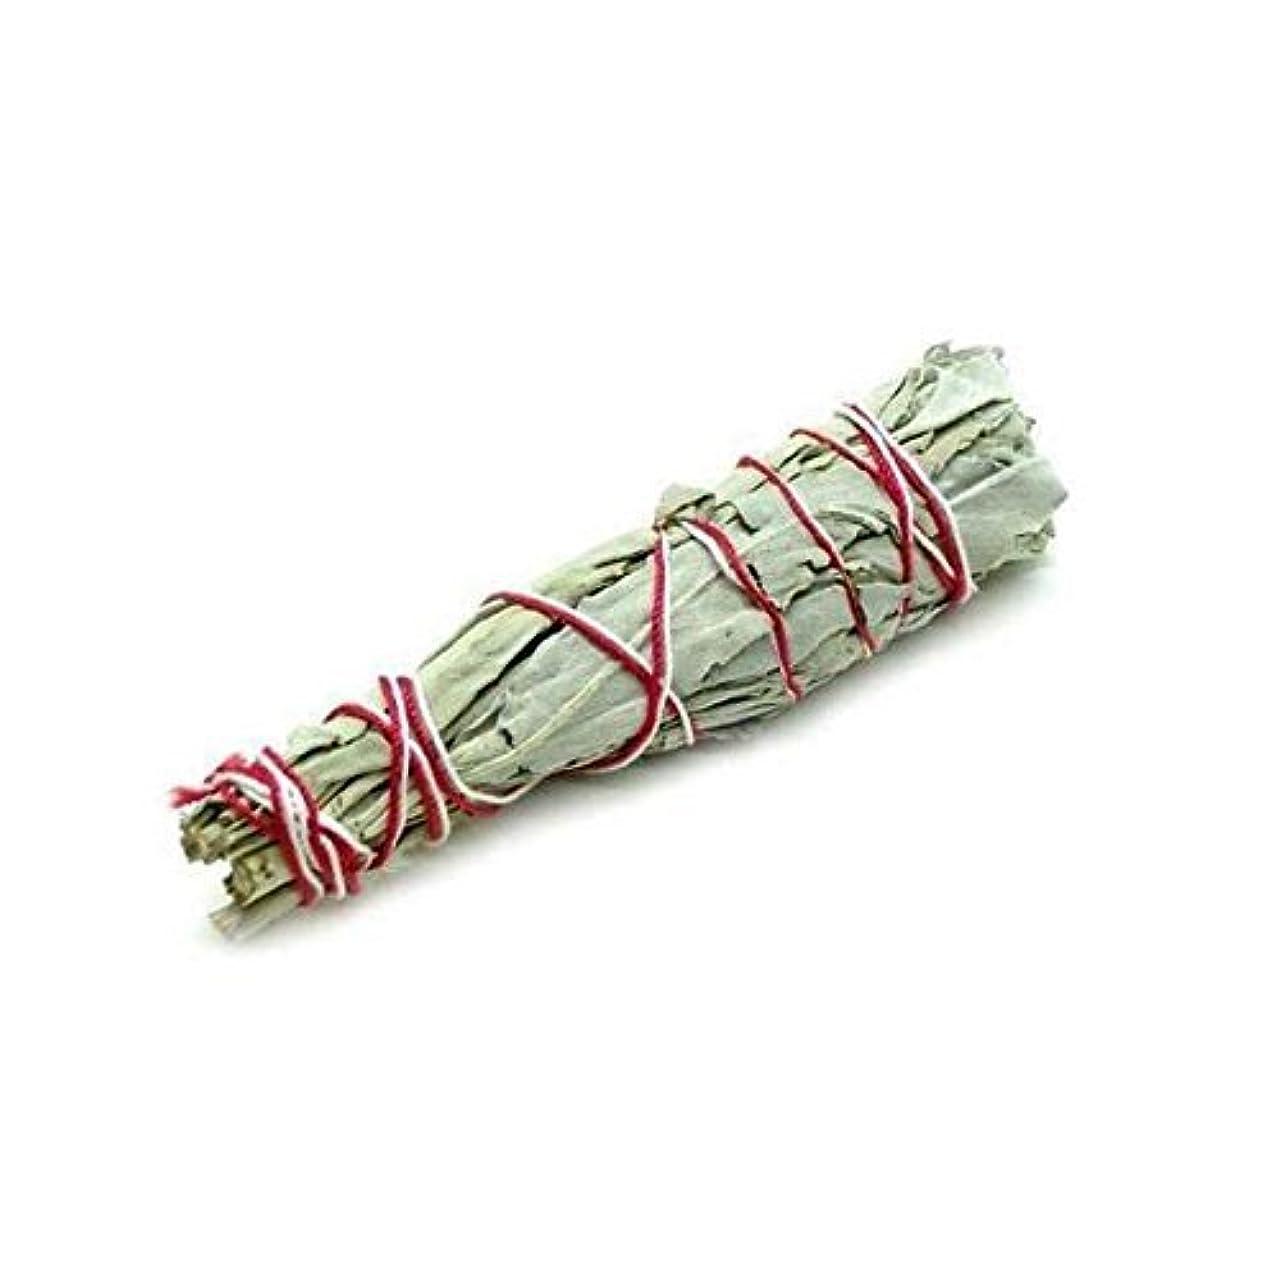 不信届けるあごひげセージバンドル?–?ホワイトセージSmudge Stick使用のクレンジングとPurifyingエネルギー、瞑想、自然として、消臭?–?6?Inches Long